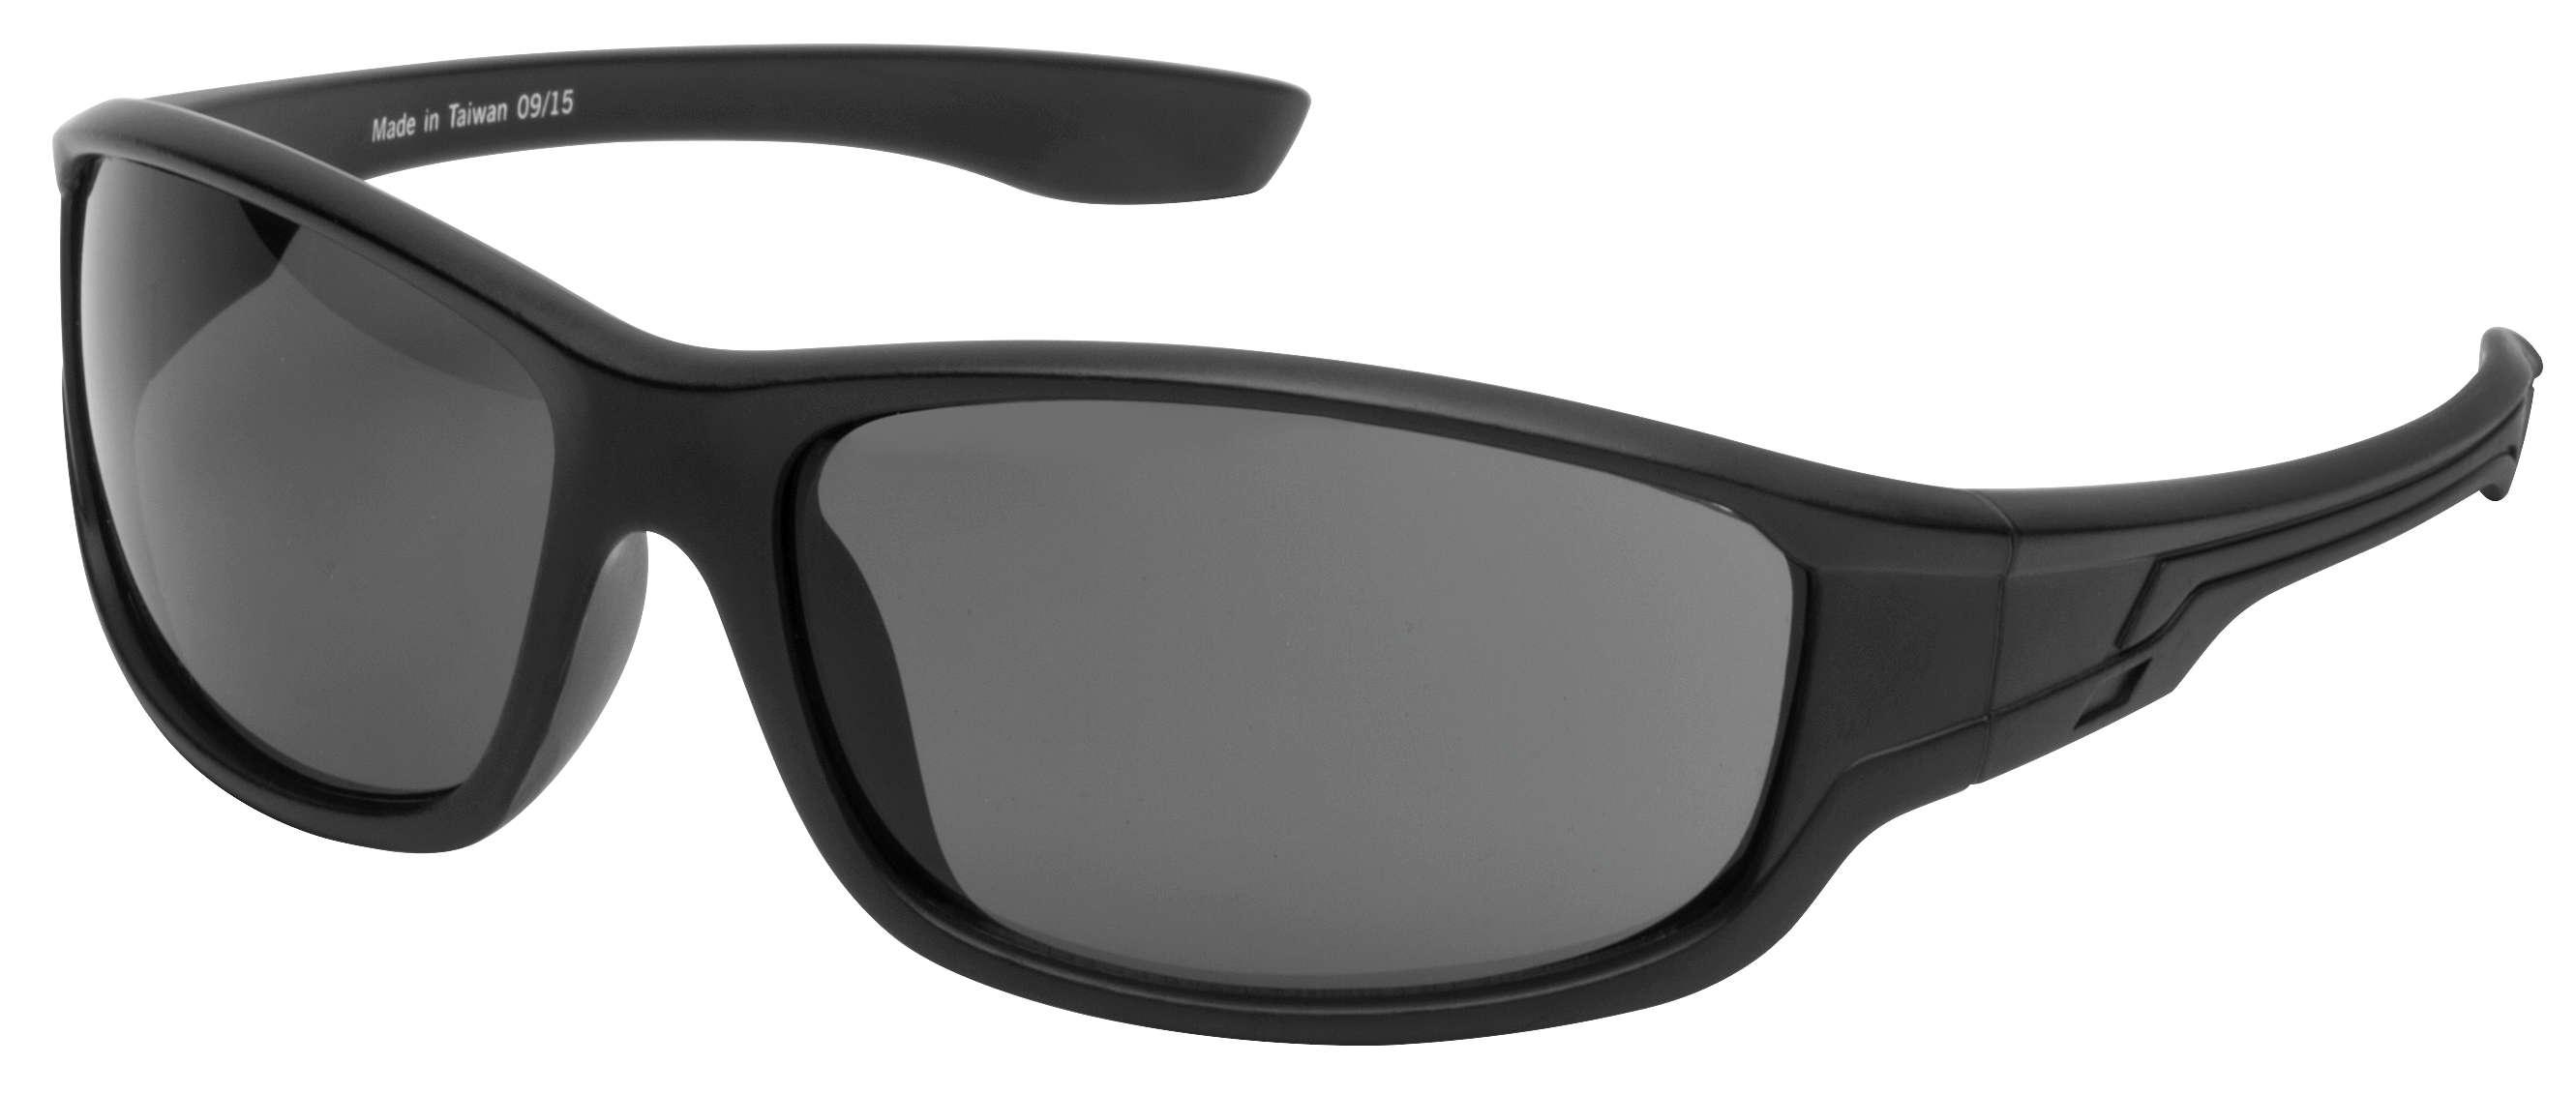 Virile Sunglasses